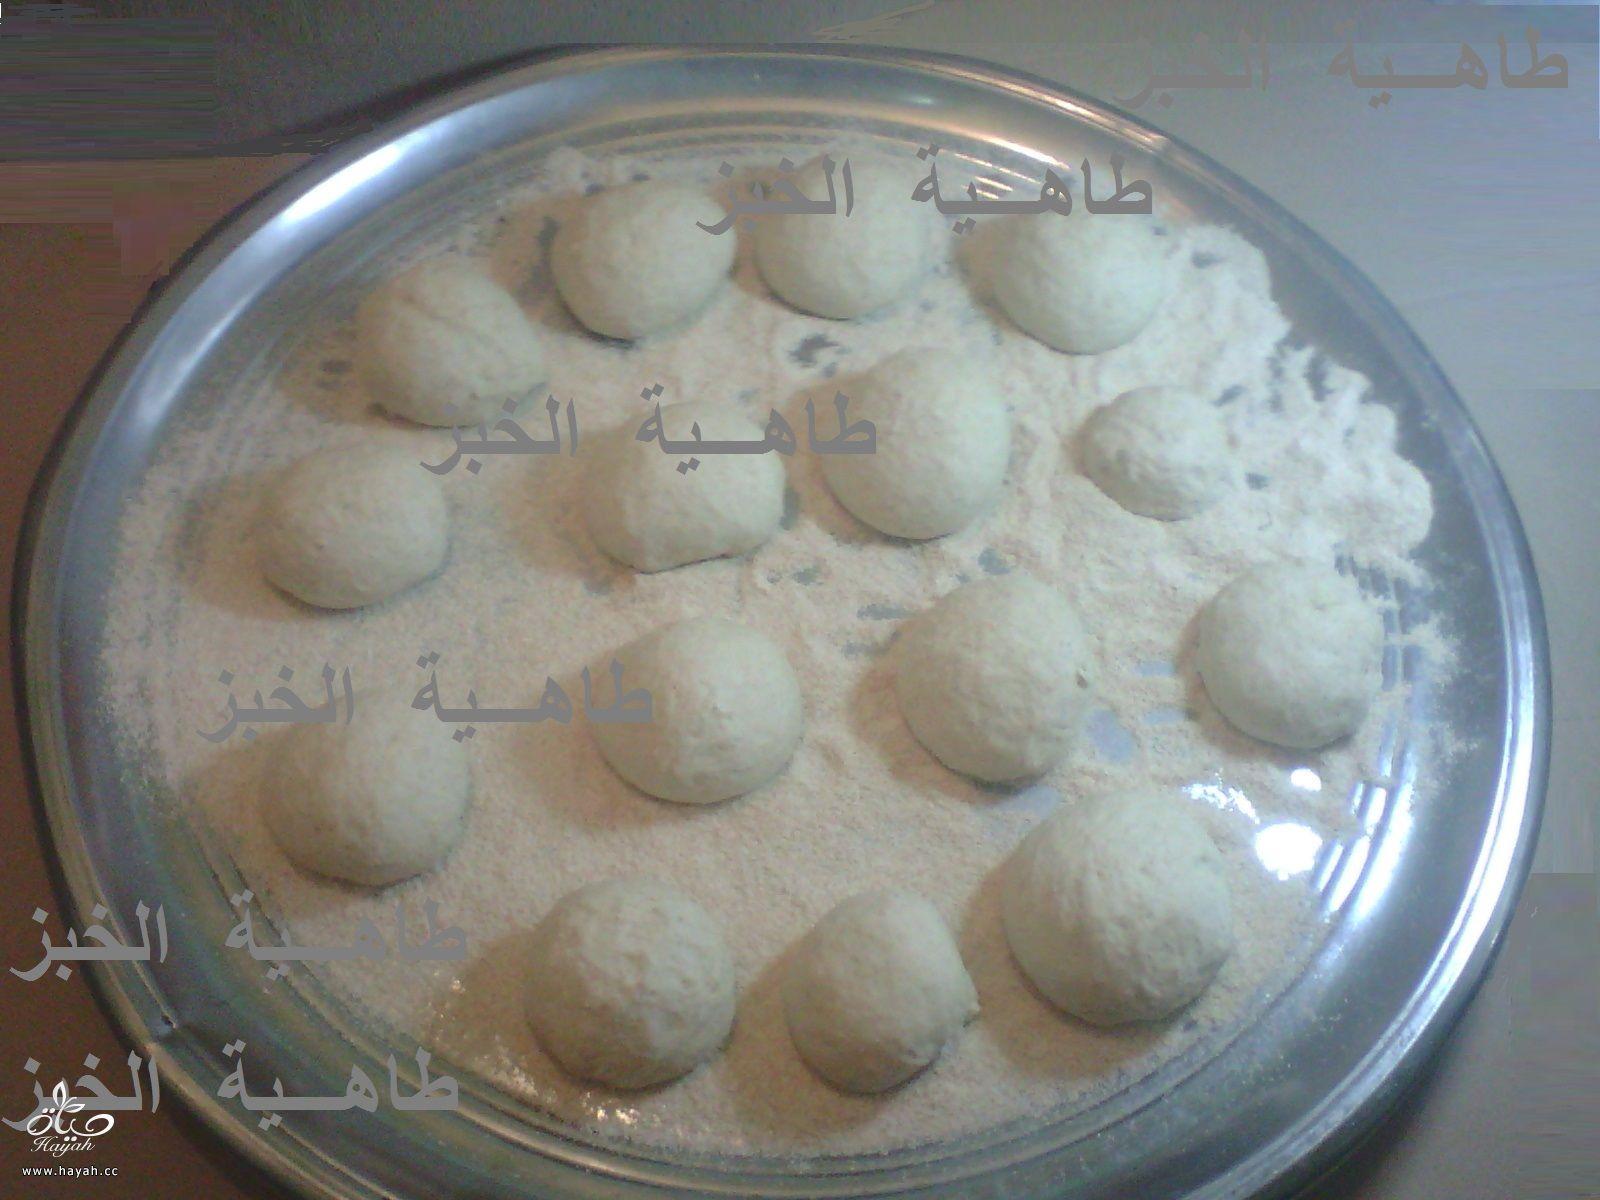 طريقة عمل الخبز المصرى  بالخبازة الكهربائية hayahcc_1394407389_862.jpg